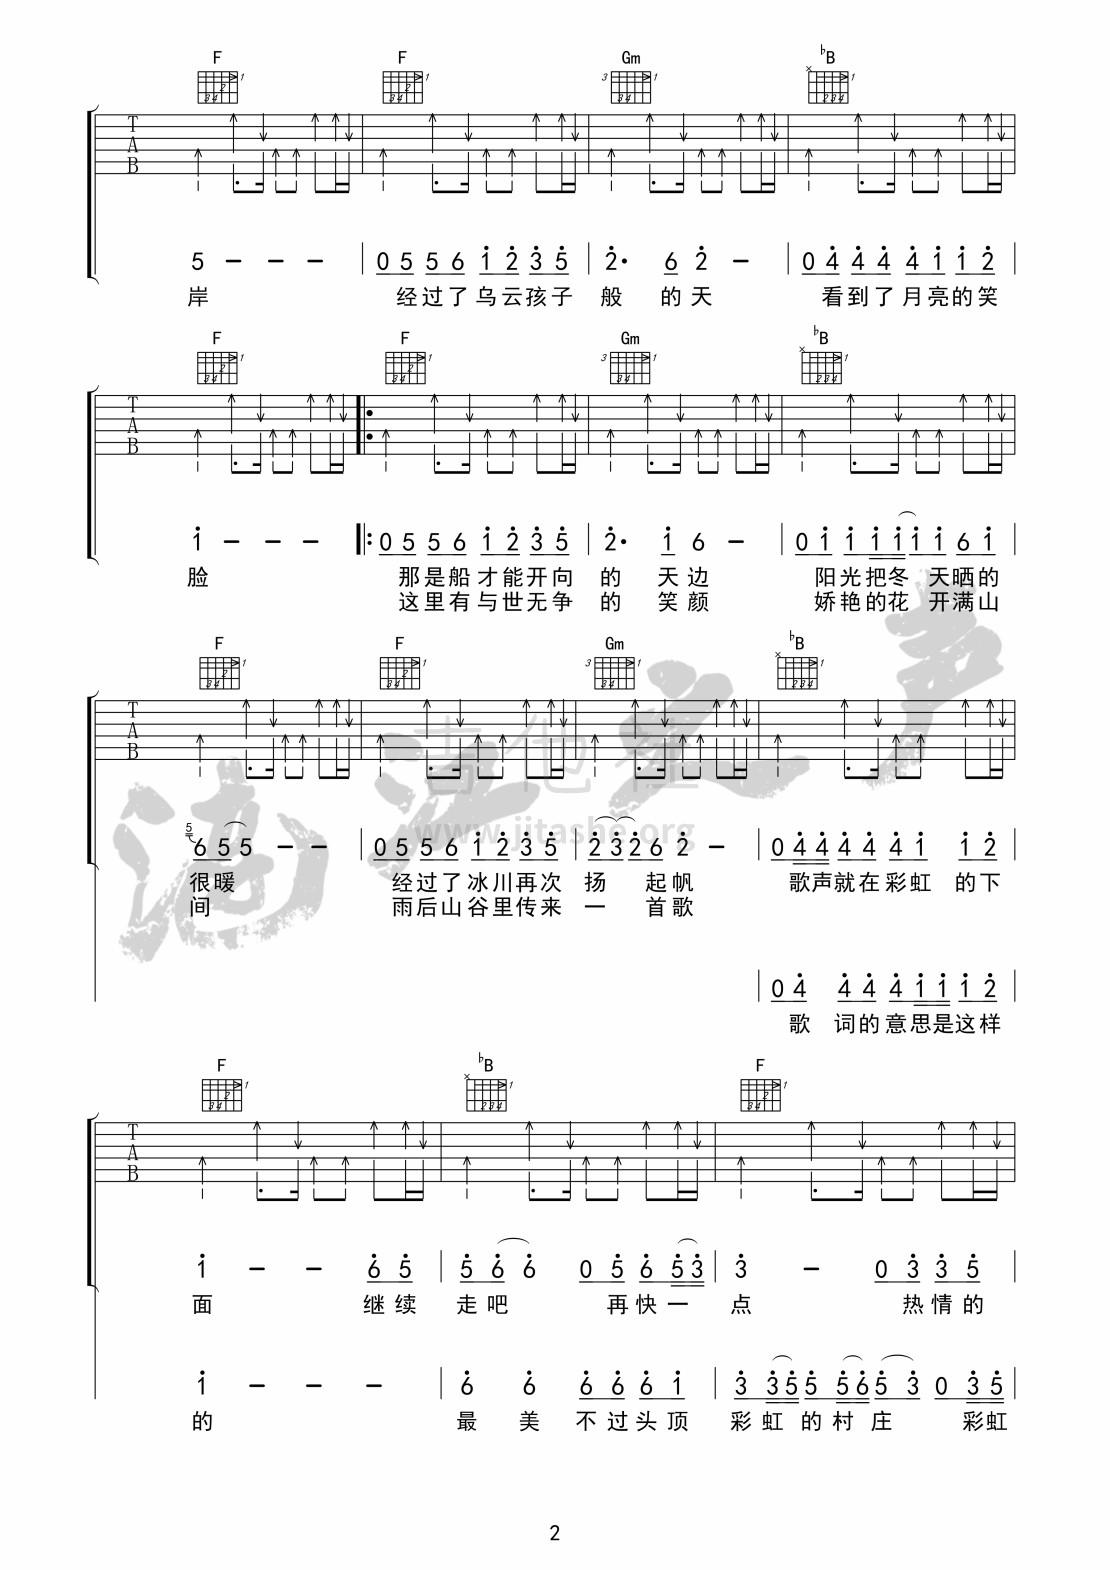 打印:彩虹下面(西虹市首富》电影推广曲吉他谱首发)吉他谱_赵雷(雷子)_彩虹下面 吉他谱02.jpg